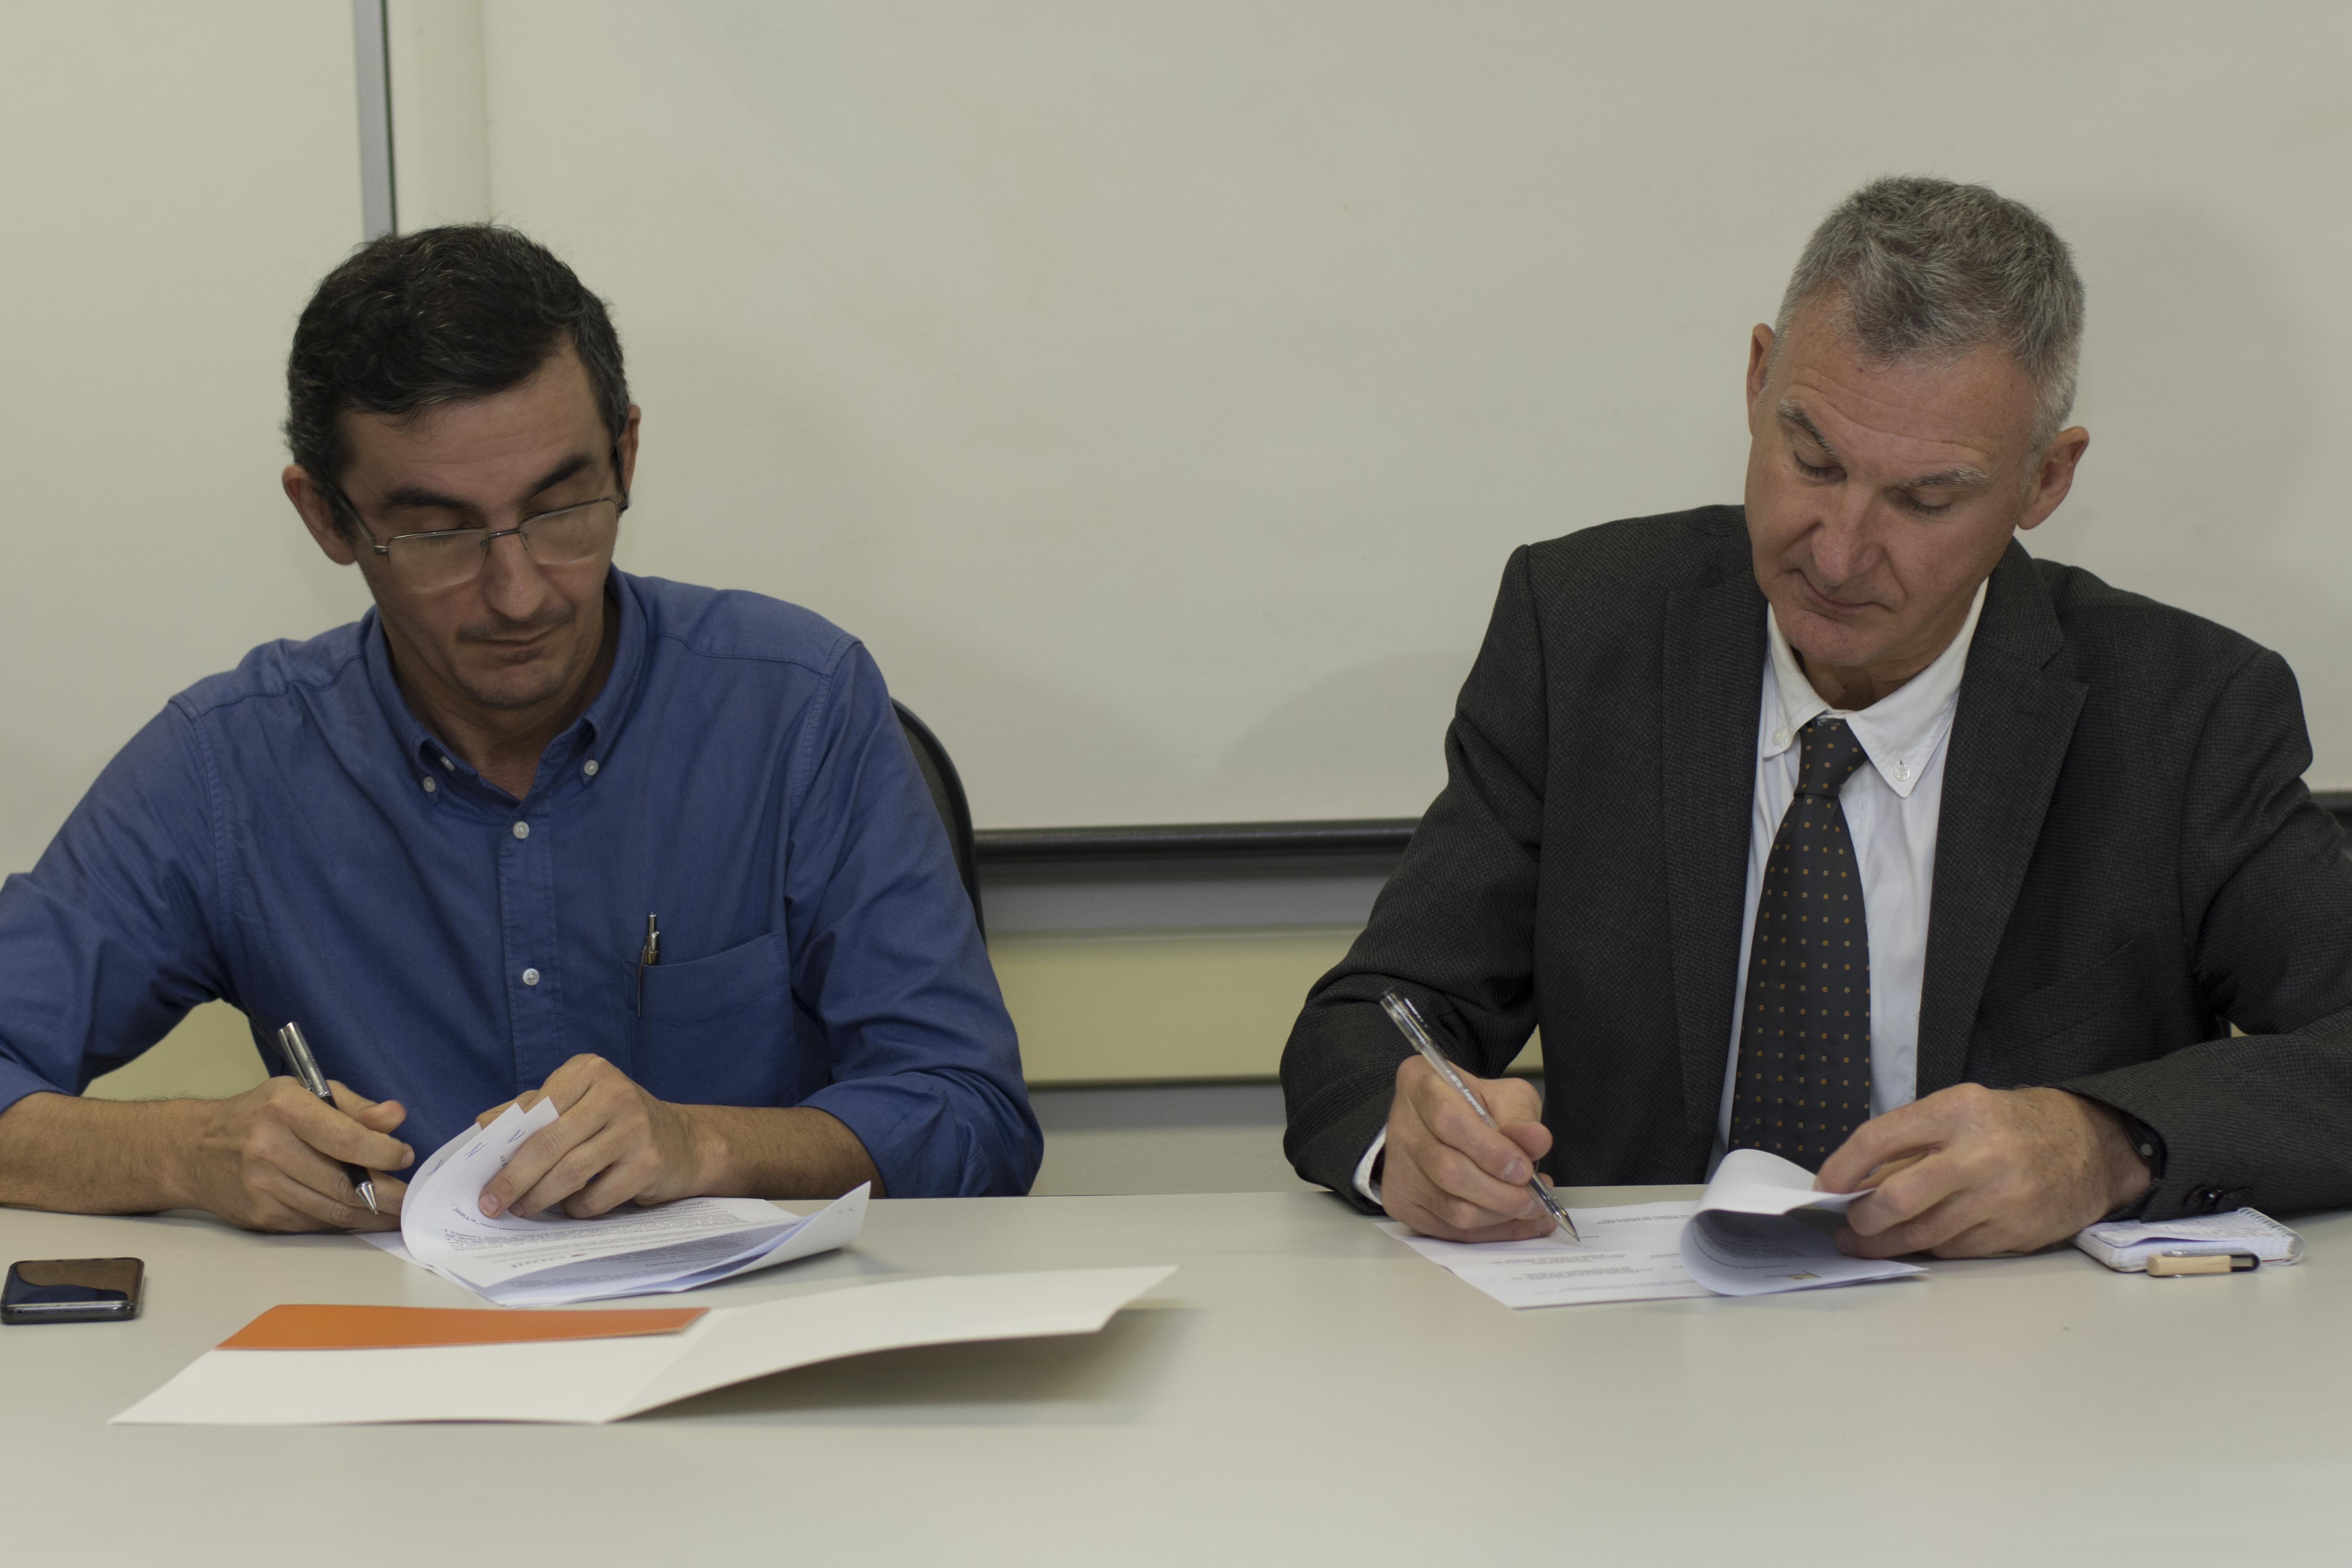 O presidente da Funceme, Eduardo Sávio Martins, e o presidente-diretor do Cirad, Sylvain Perret, assinam acordo de cooperação em Fortaleza (FOTO: Juliana Lima)